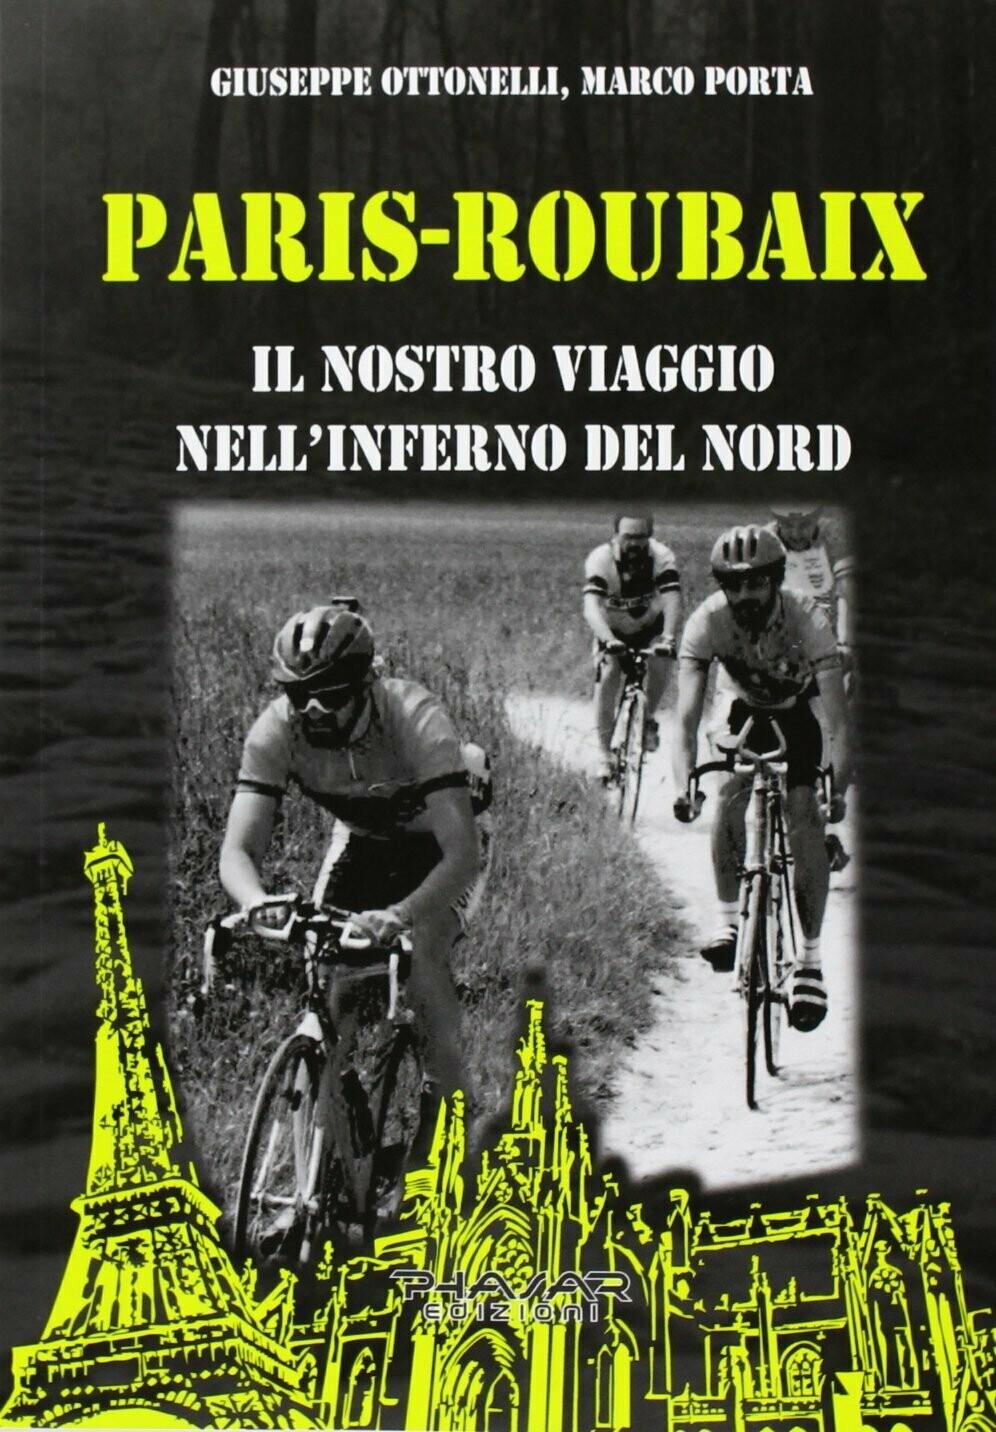 Giuseppe Ottonelli, Marco Porta - Paris-Roubaix. Il nostro viaggio nell'Inferno del Nord